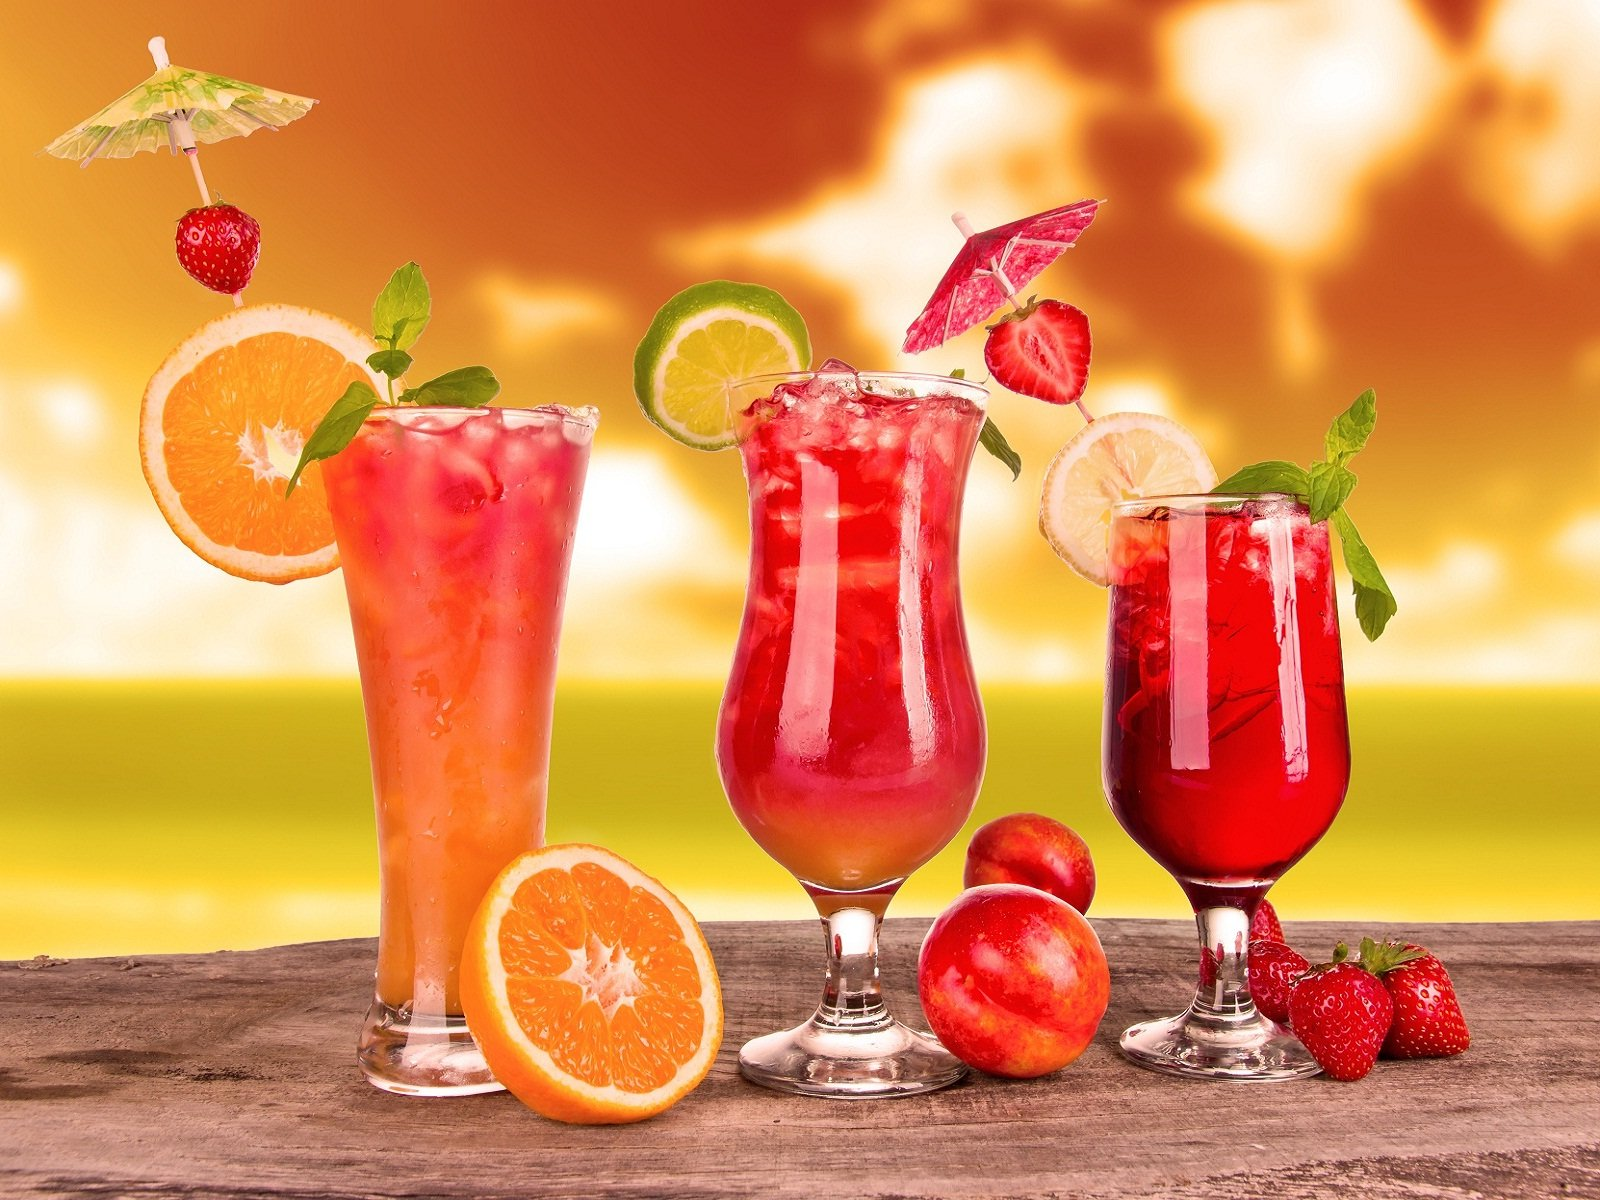 Best fruits juice glass HD Wallpapers Rocks 1600x1200